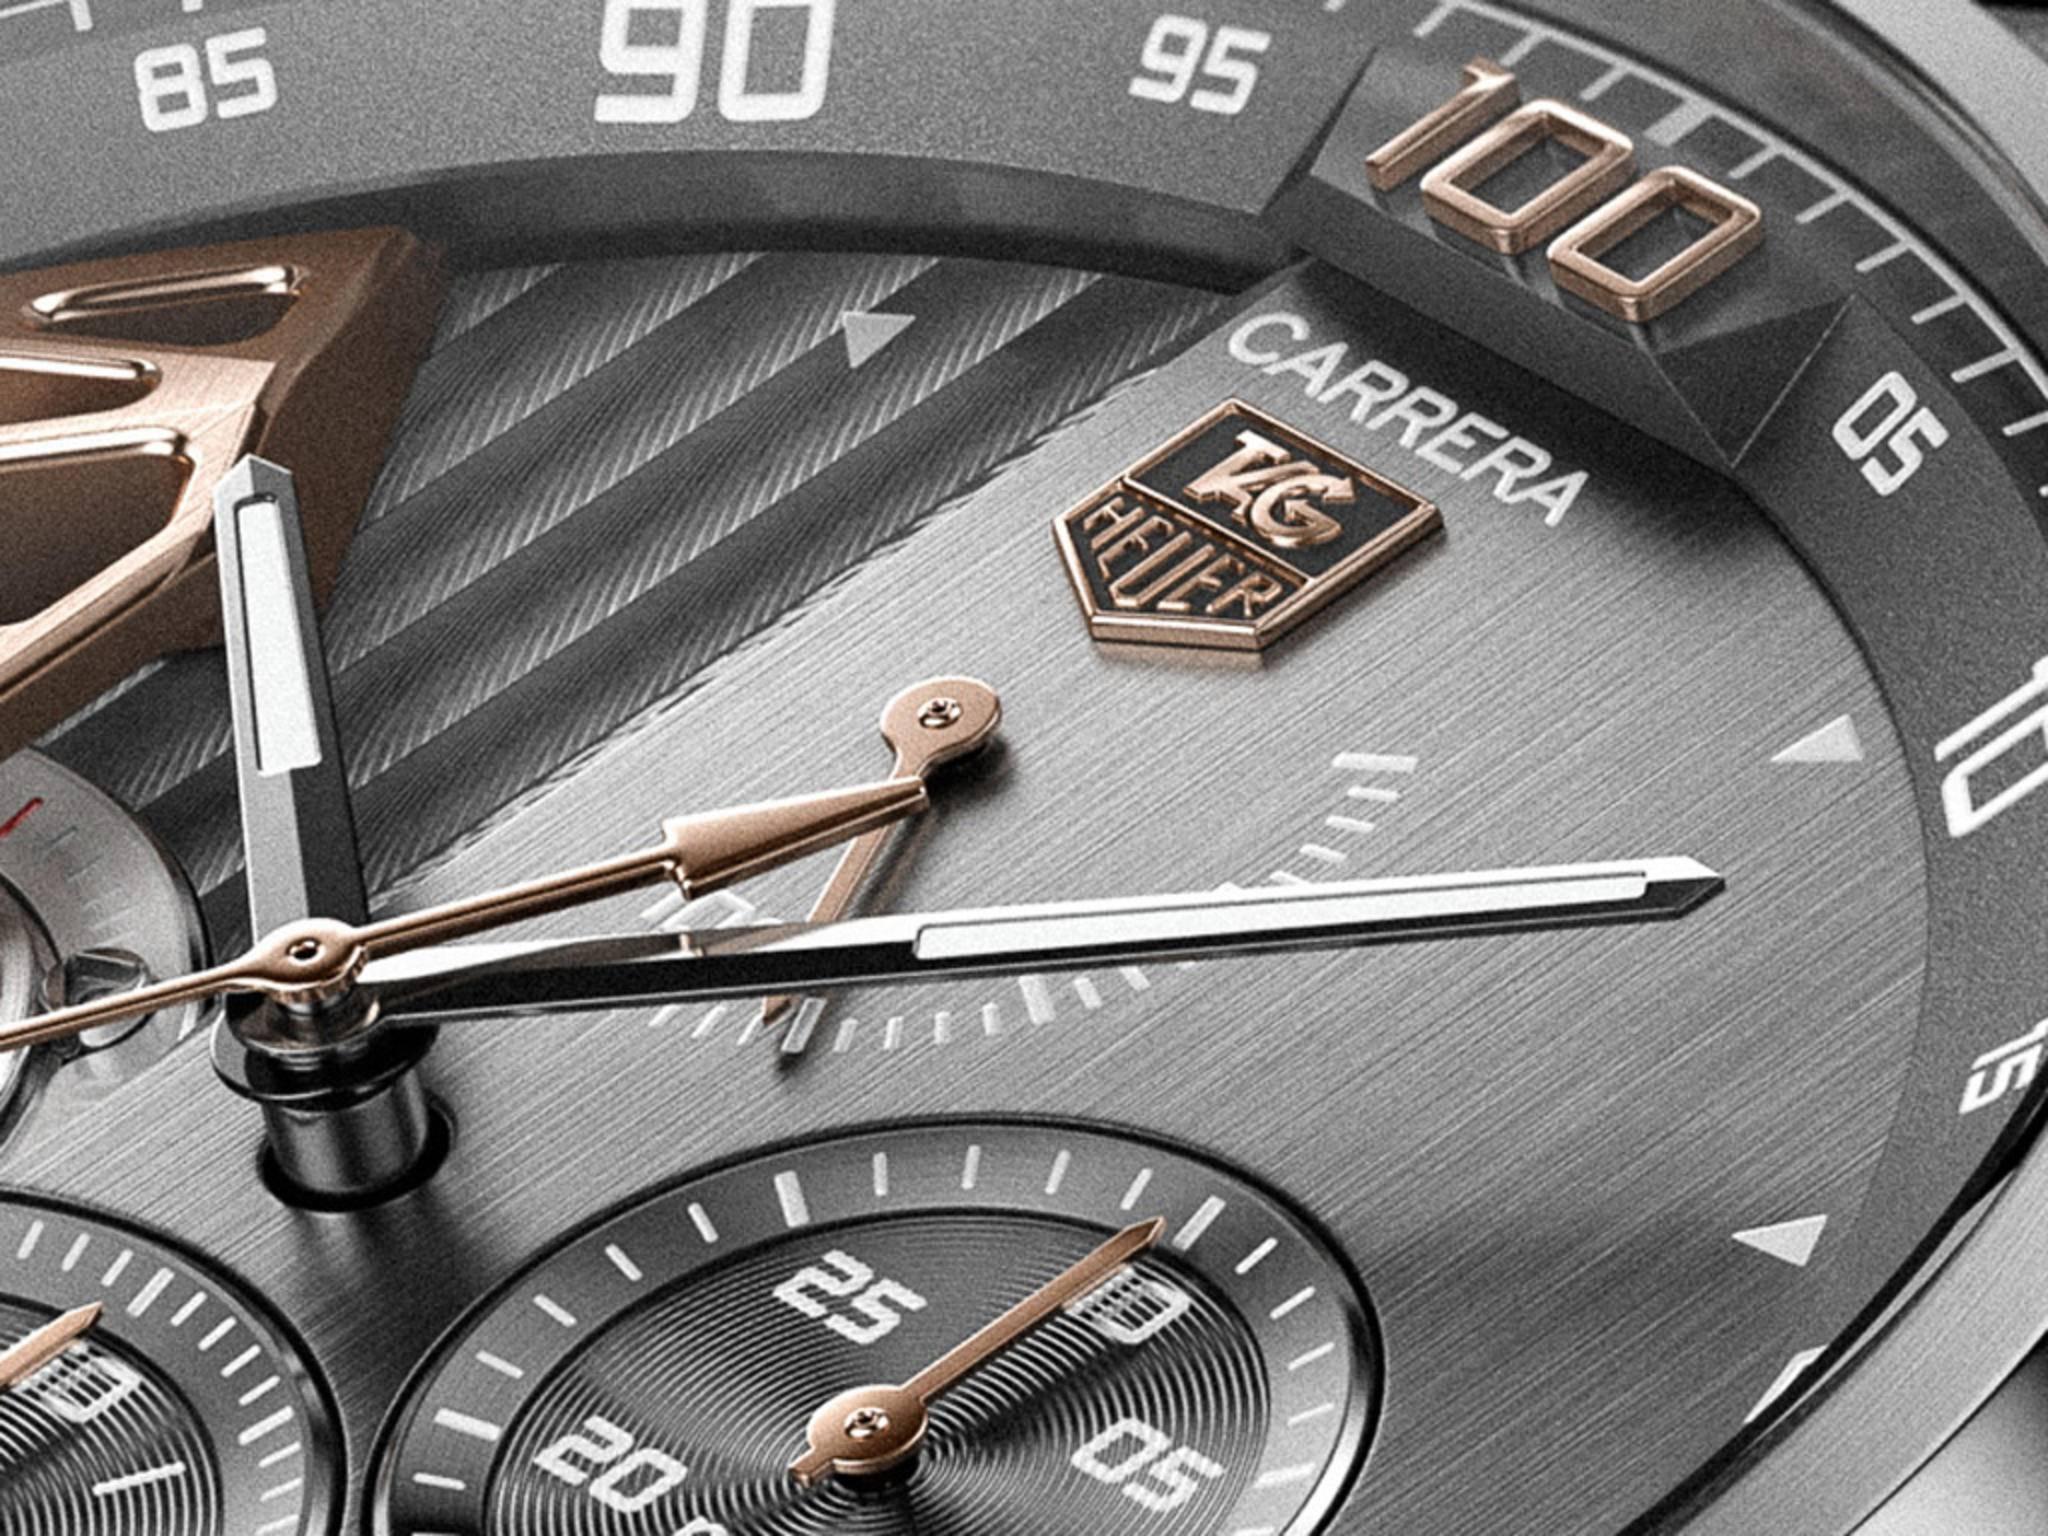 Vorstellung am 9. November: TAG Heuer zeigt seine Smartwatch für 1800 Dollar.